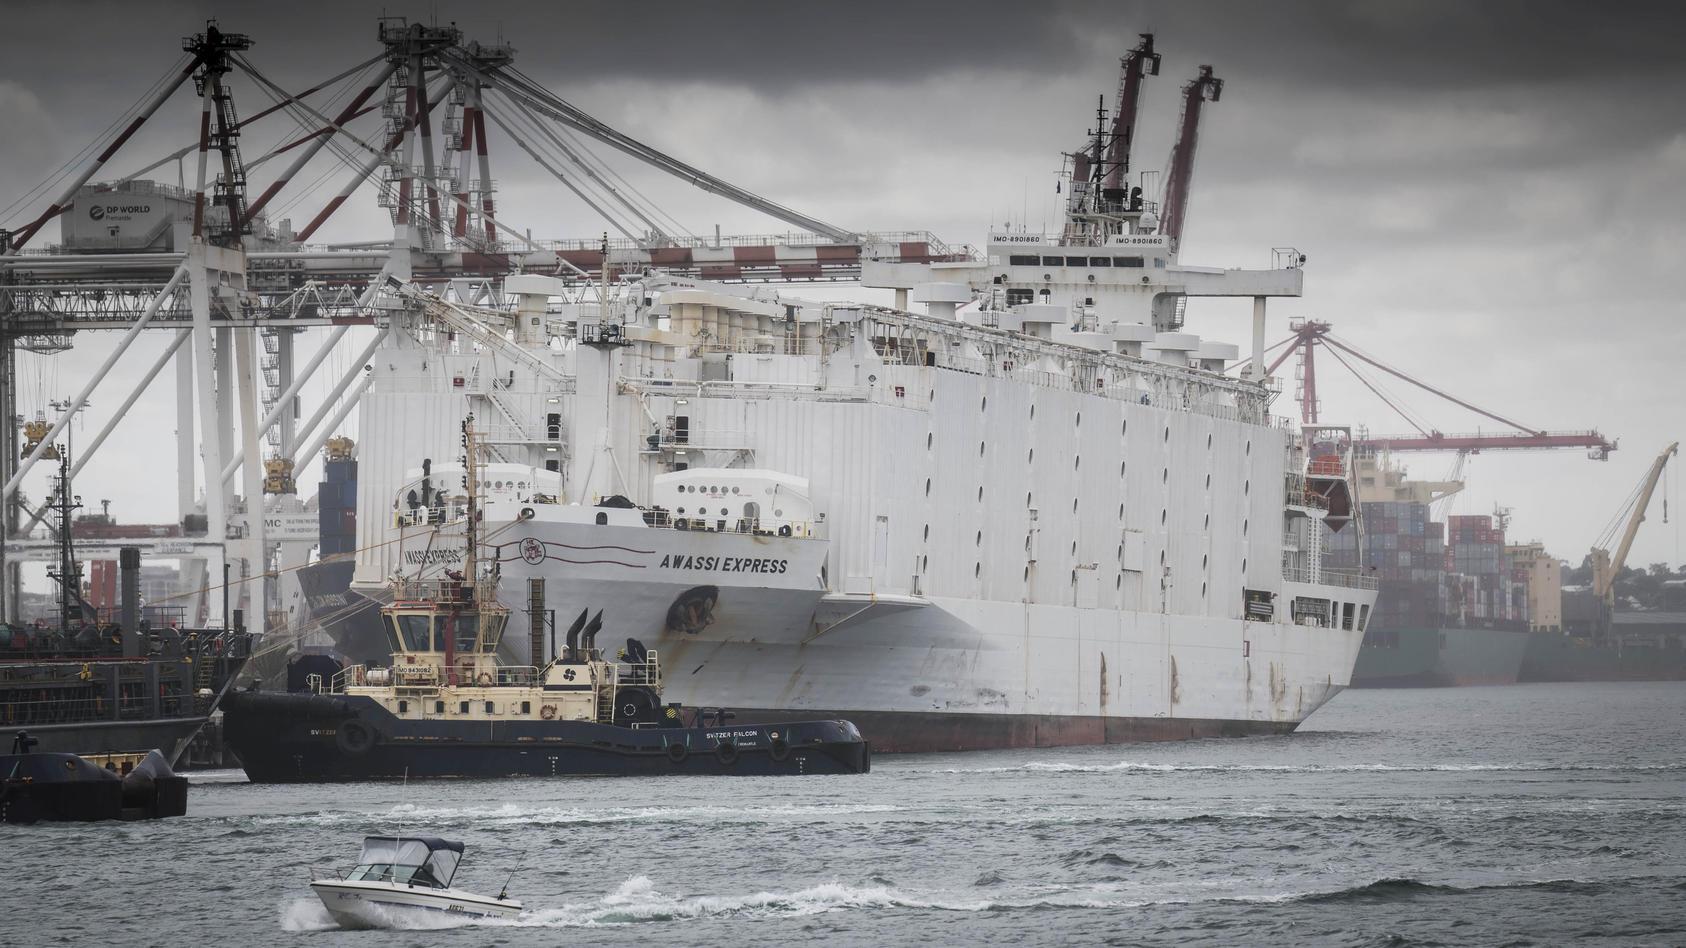 Der Frachter 'Awassi Express' im Hafen von Fremantle ist Gegenstand staatlicher Untersuchungen.